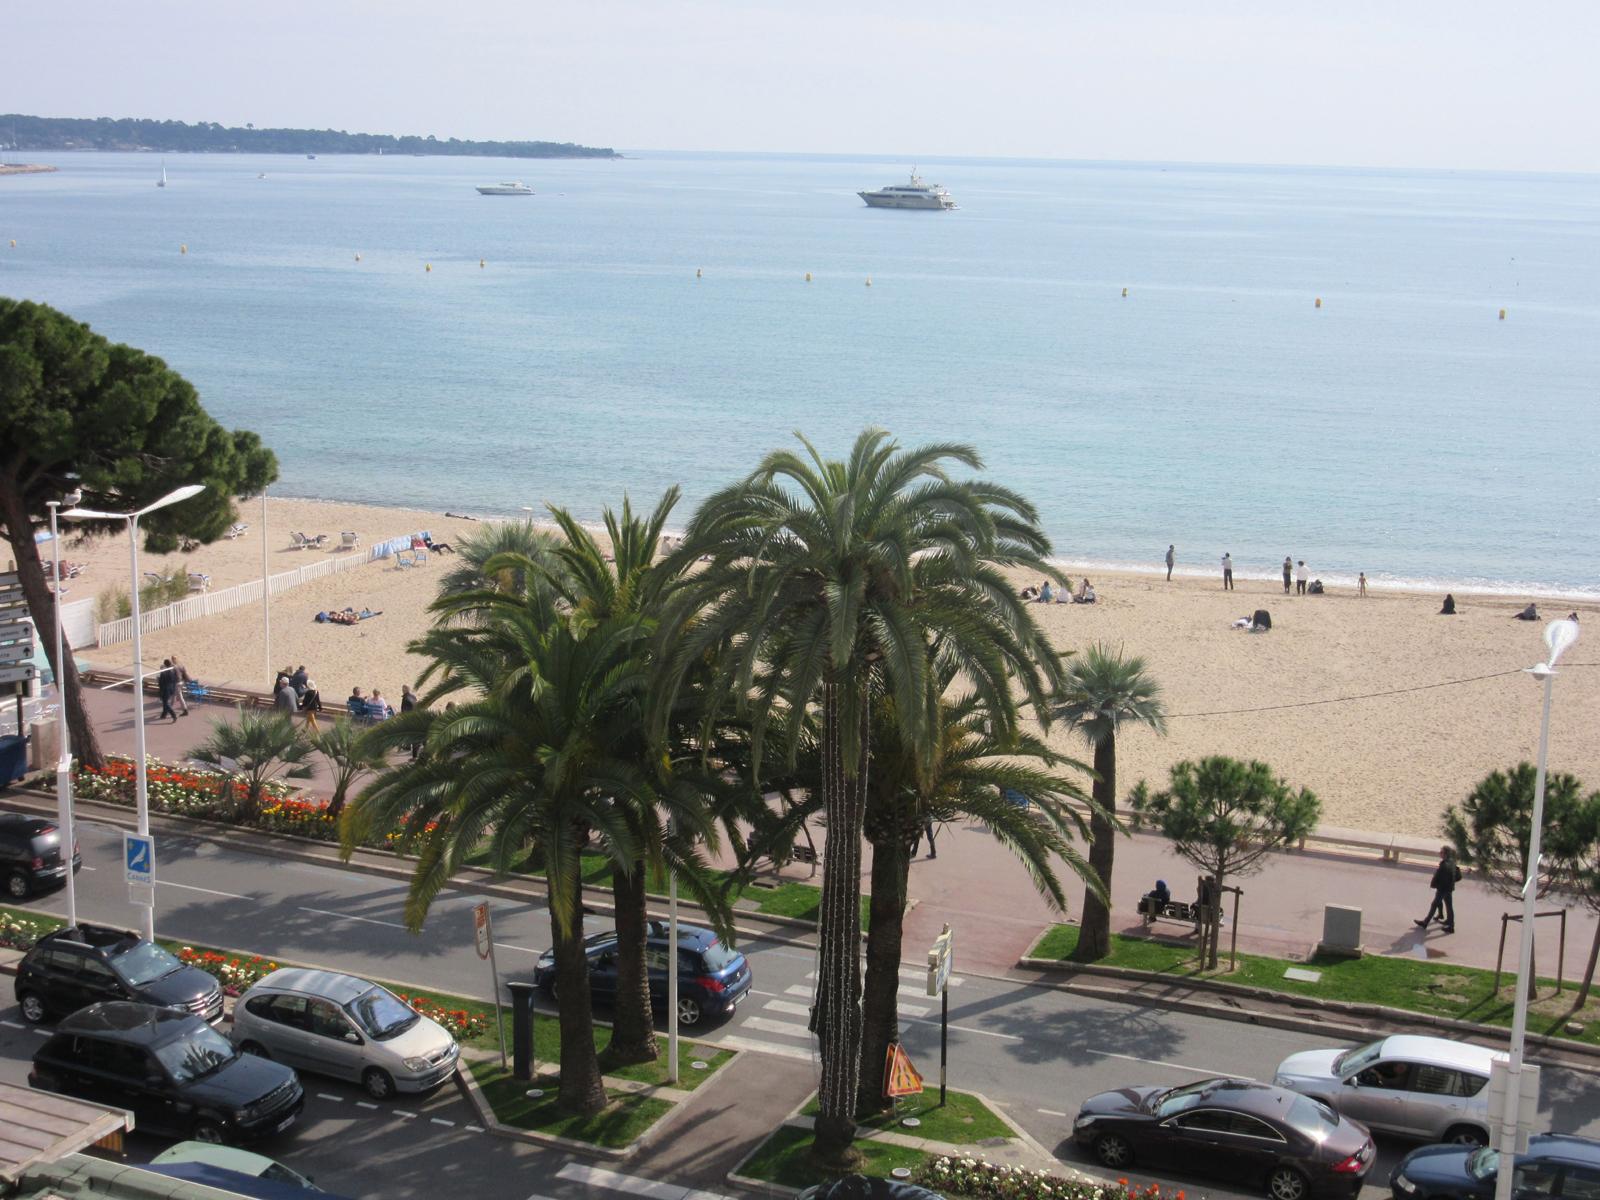 O 24 CROISETTE, Hôtel 4 étoiles à Cannes (Côte d'Azur)